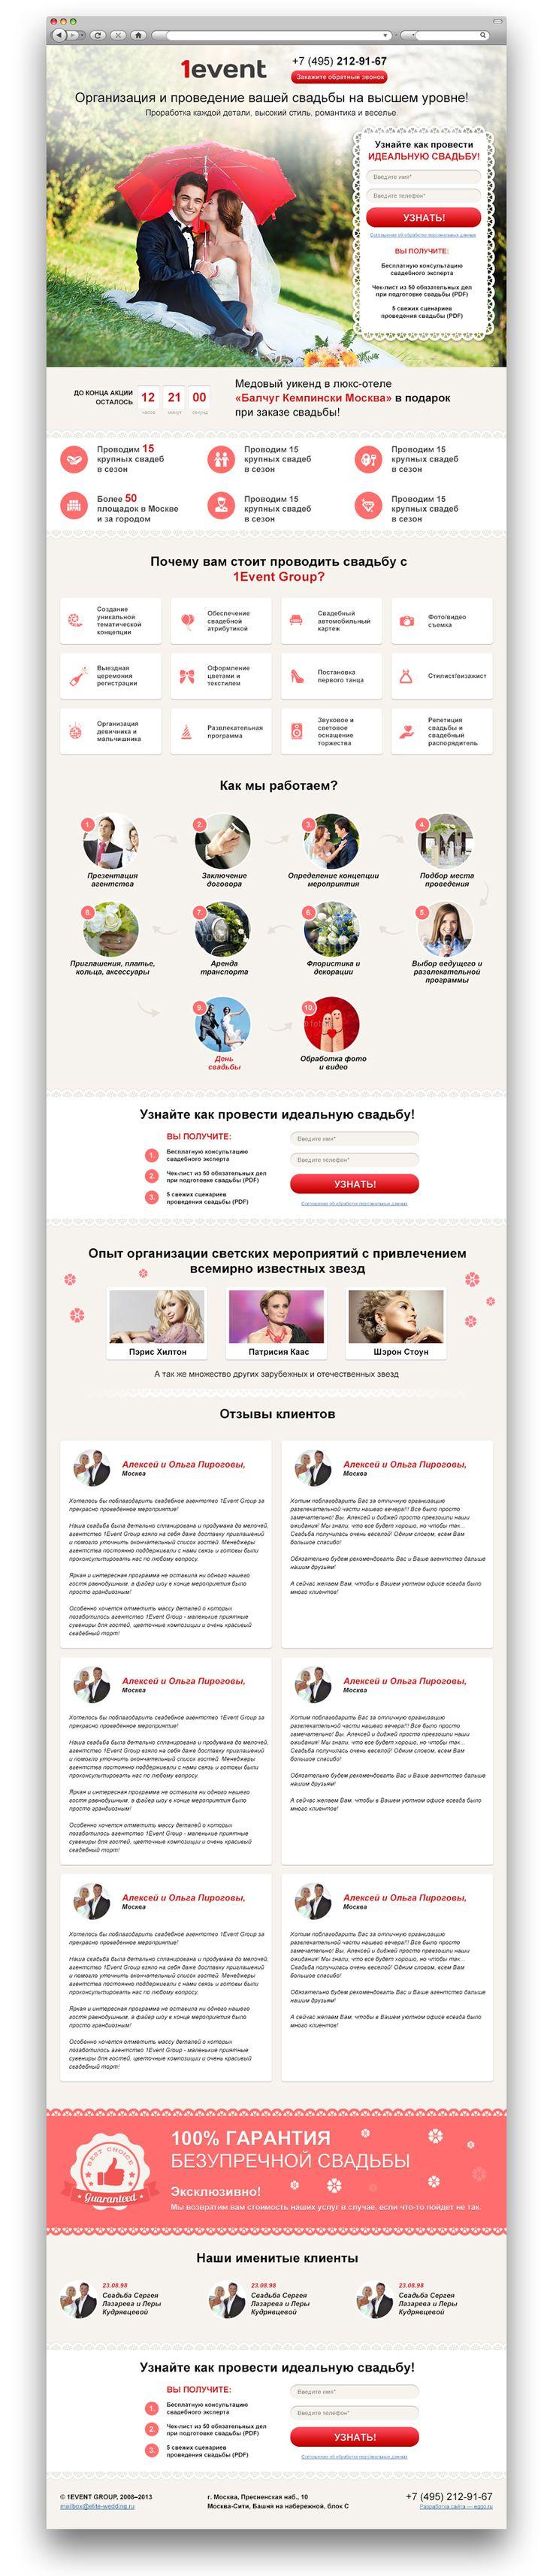 Landing page (одностраничник) Организация свадеб (Дизайн сайтов) - фри-лансер Art Mouse [Anastasya].